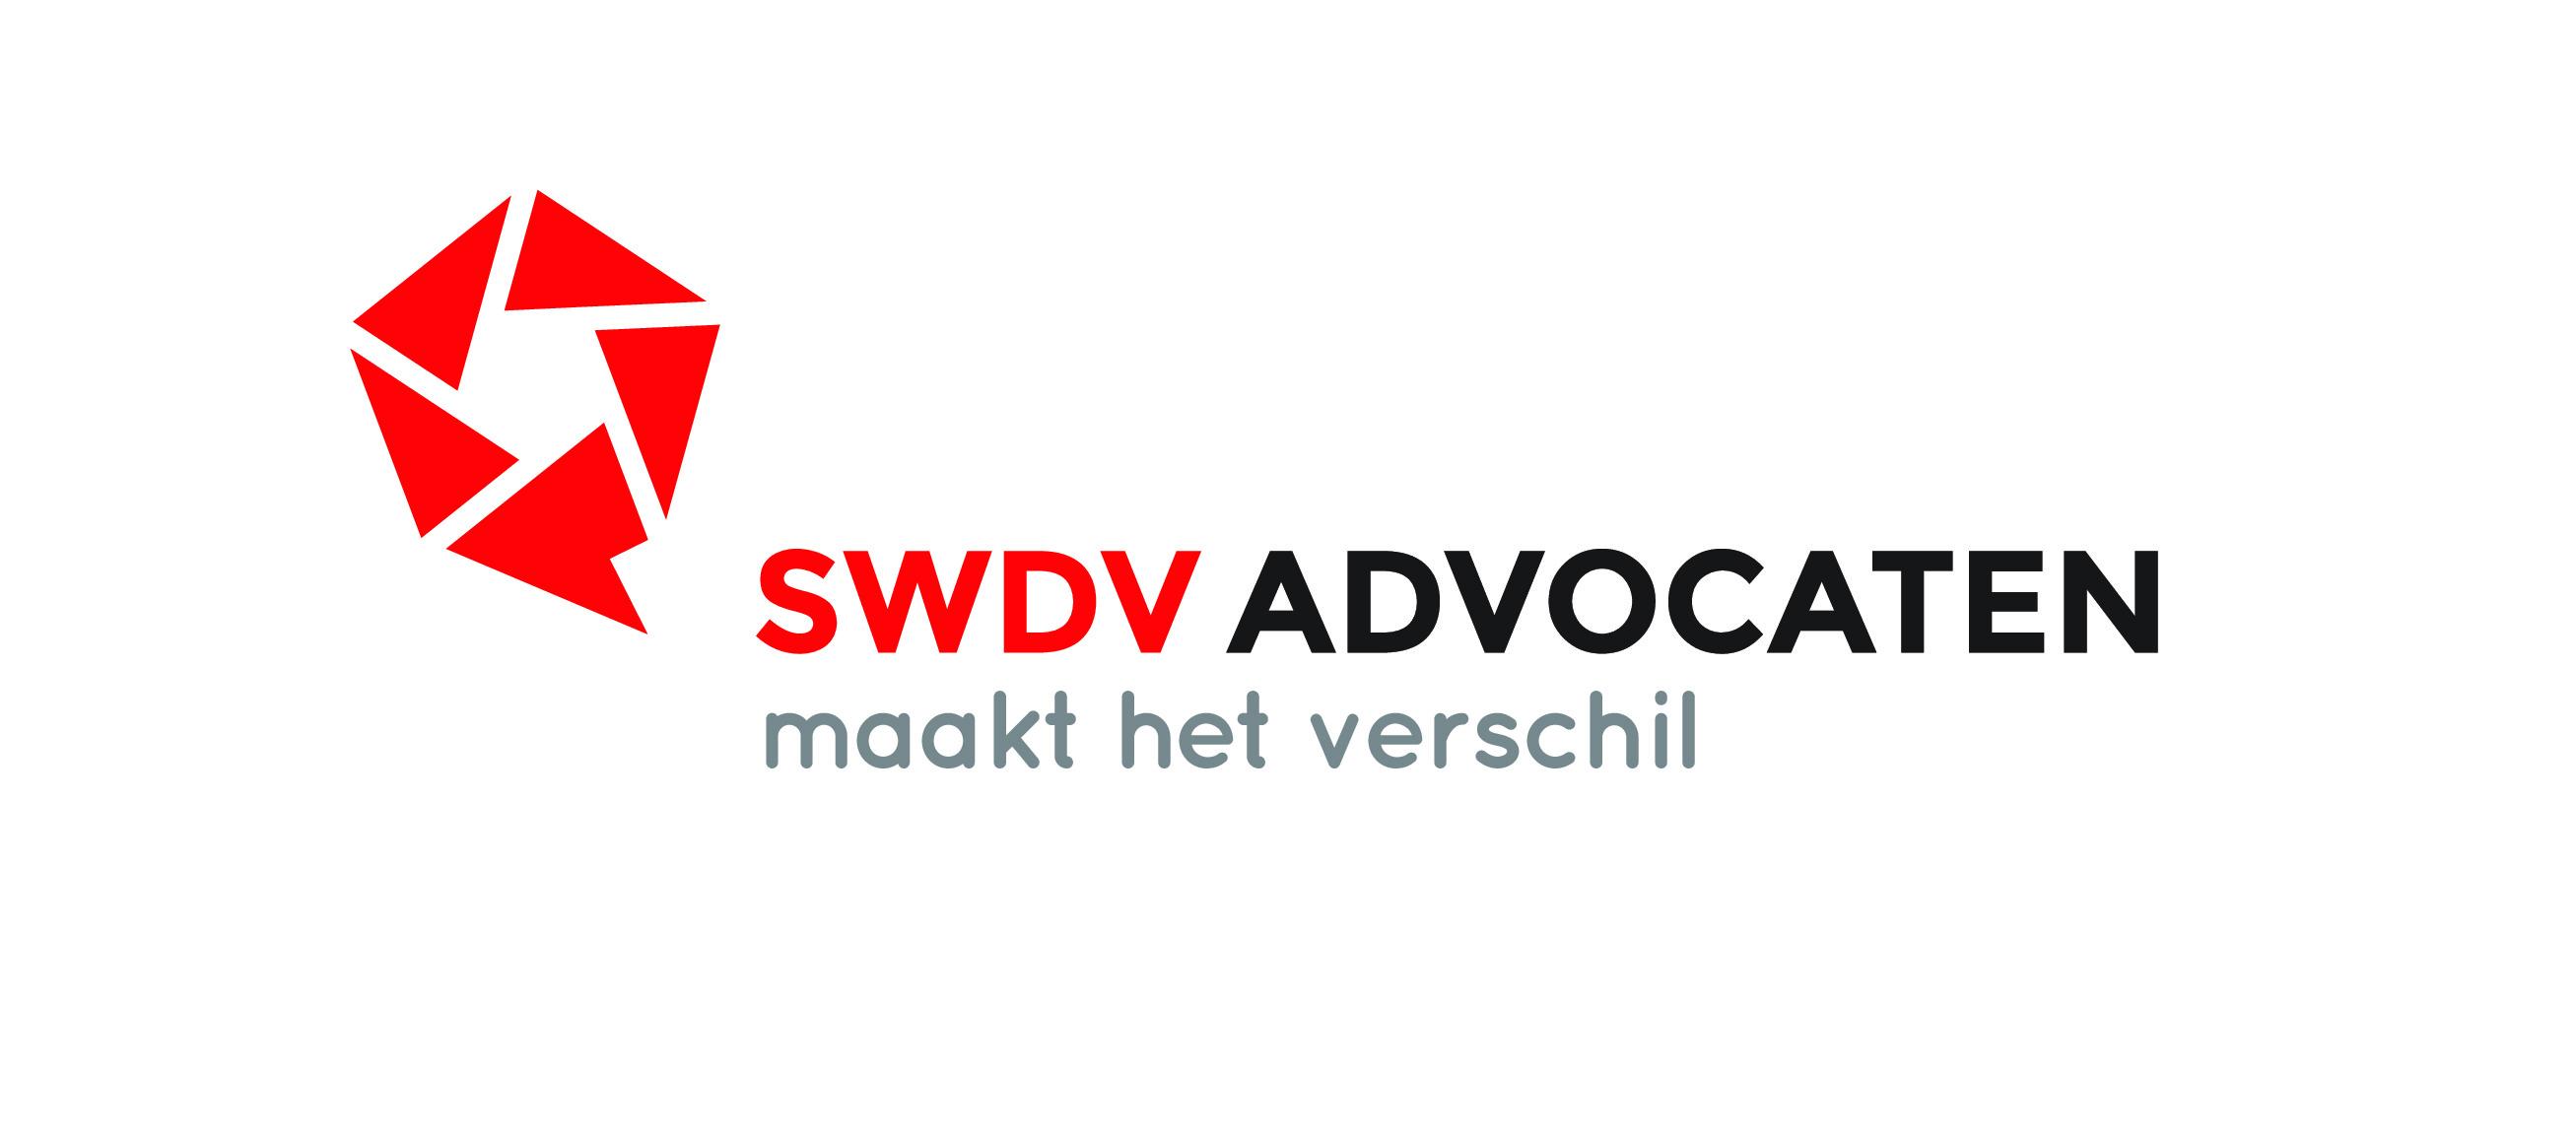 swdv-logo-maakt-het-verschil.jpg